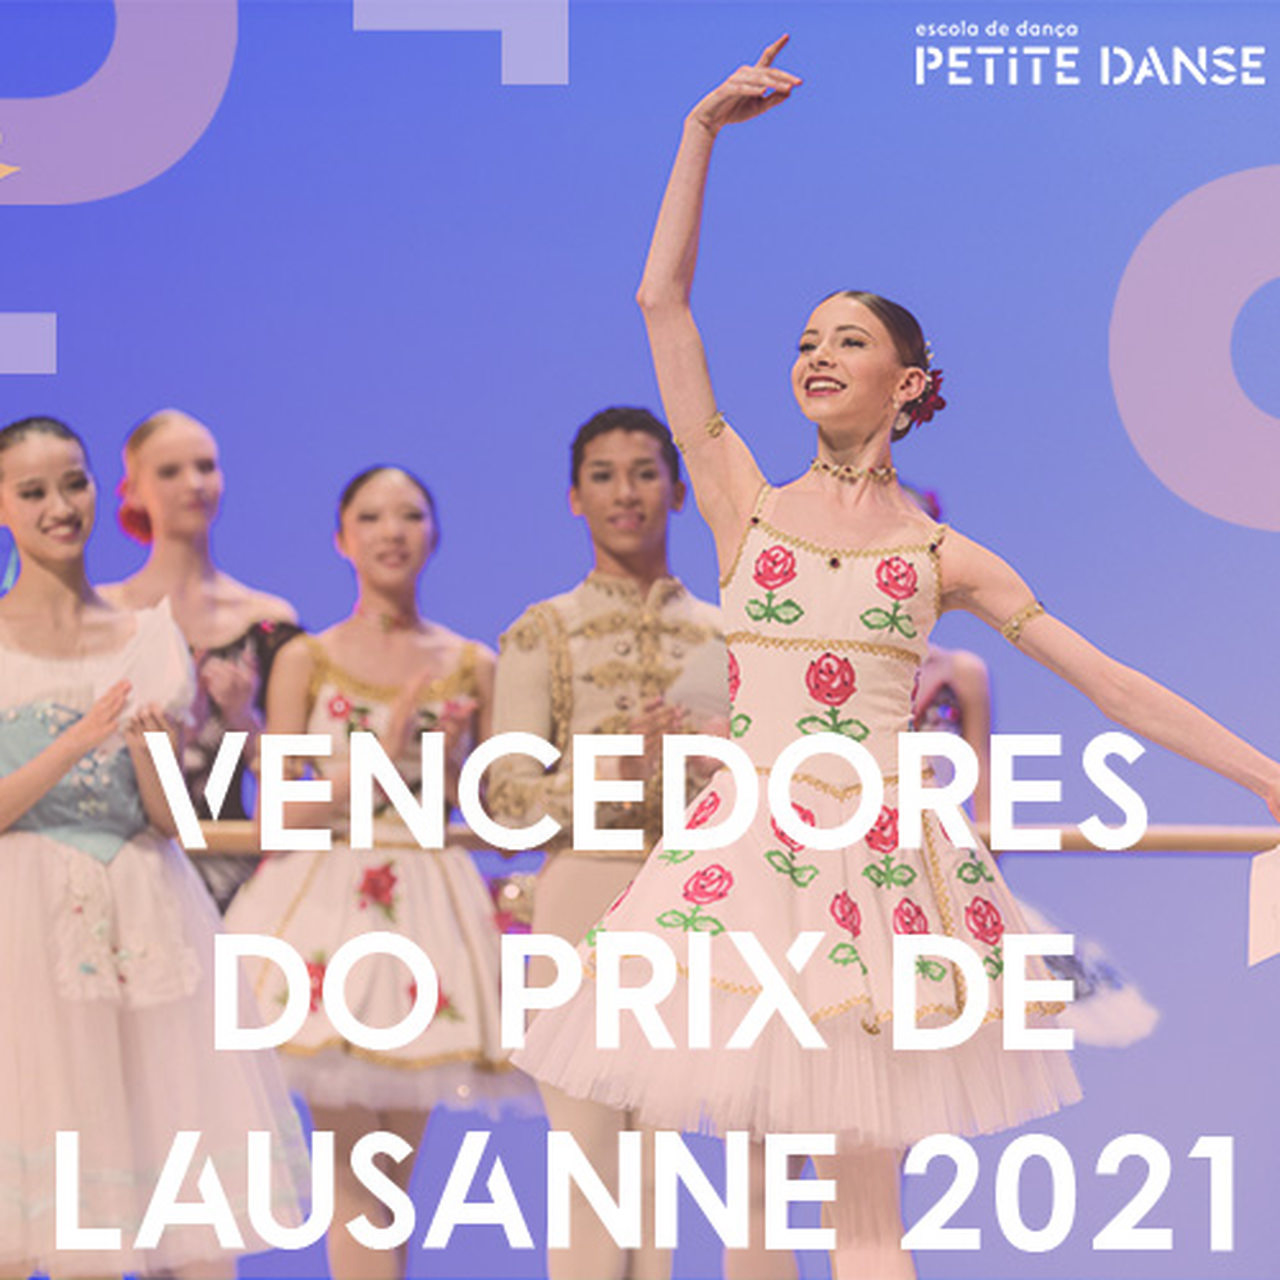 Saiba mais sobre os vencedores do Prix de Lausanne de 2021